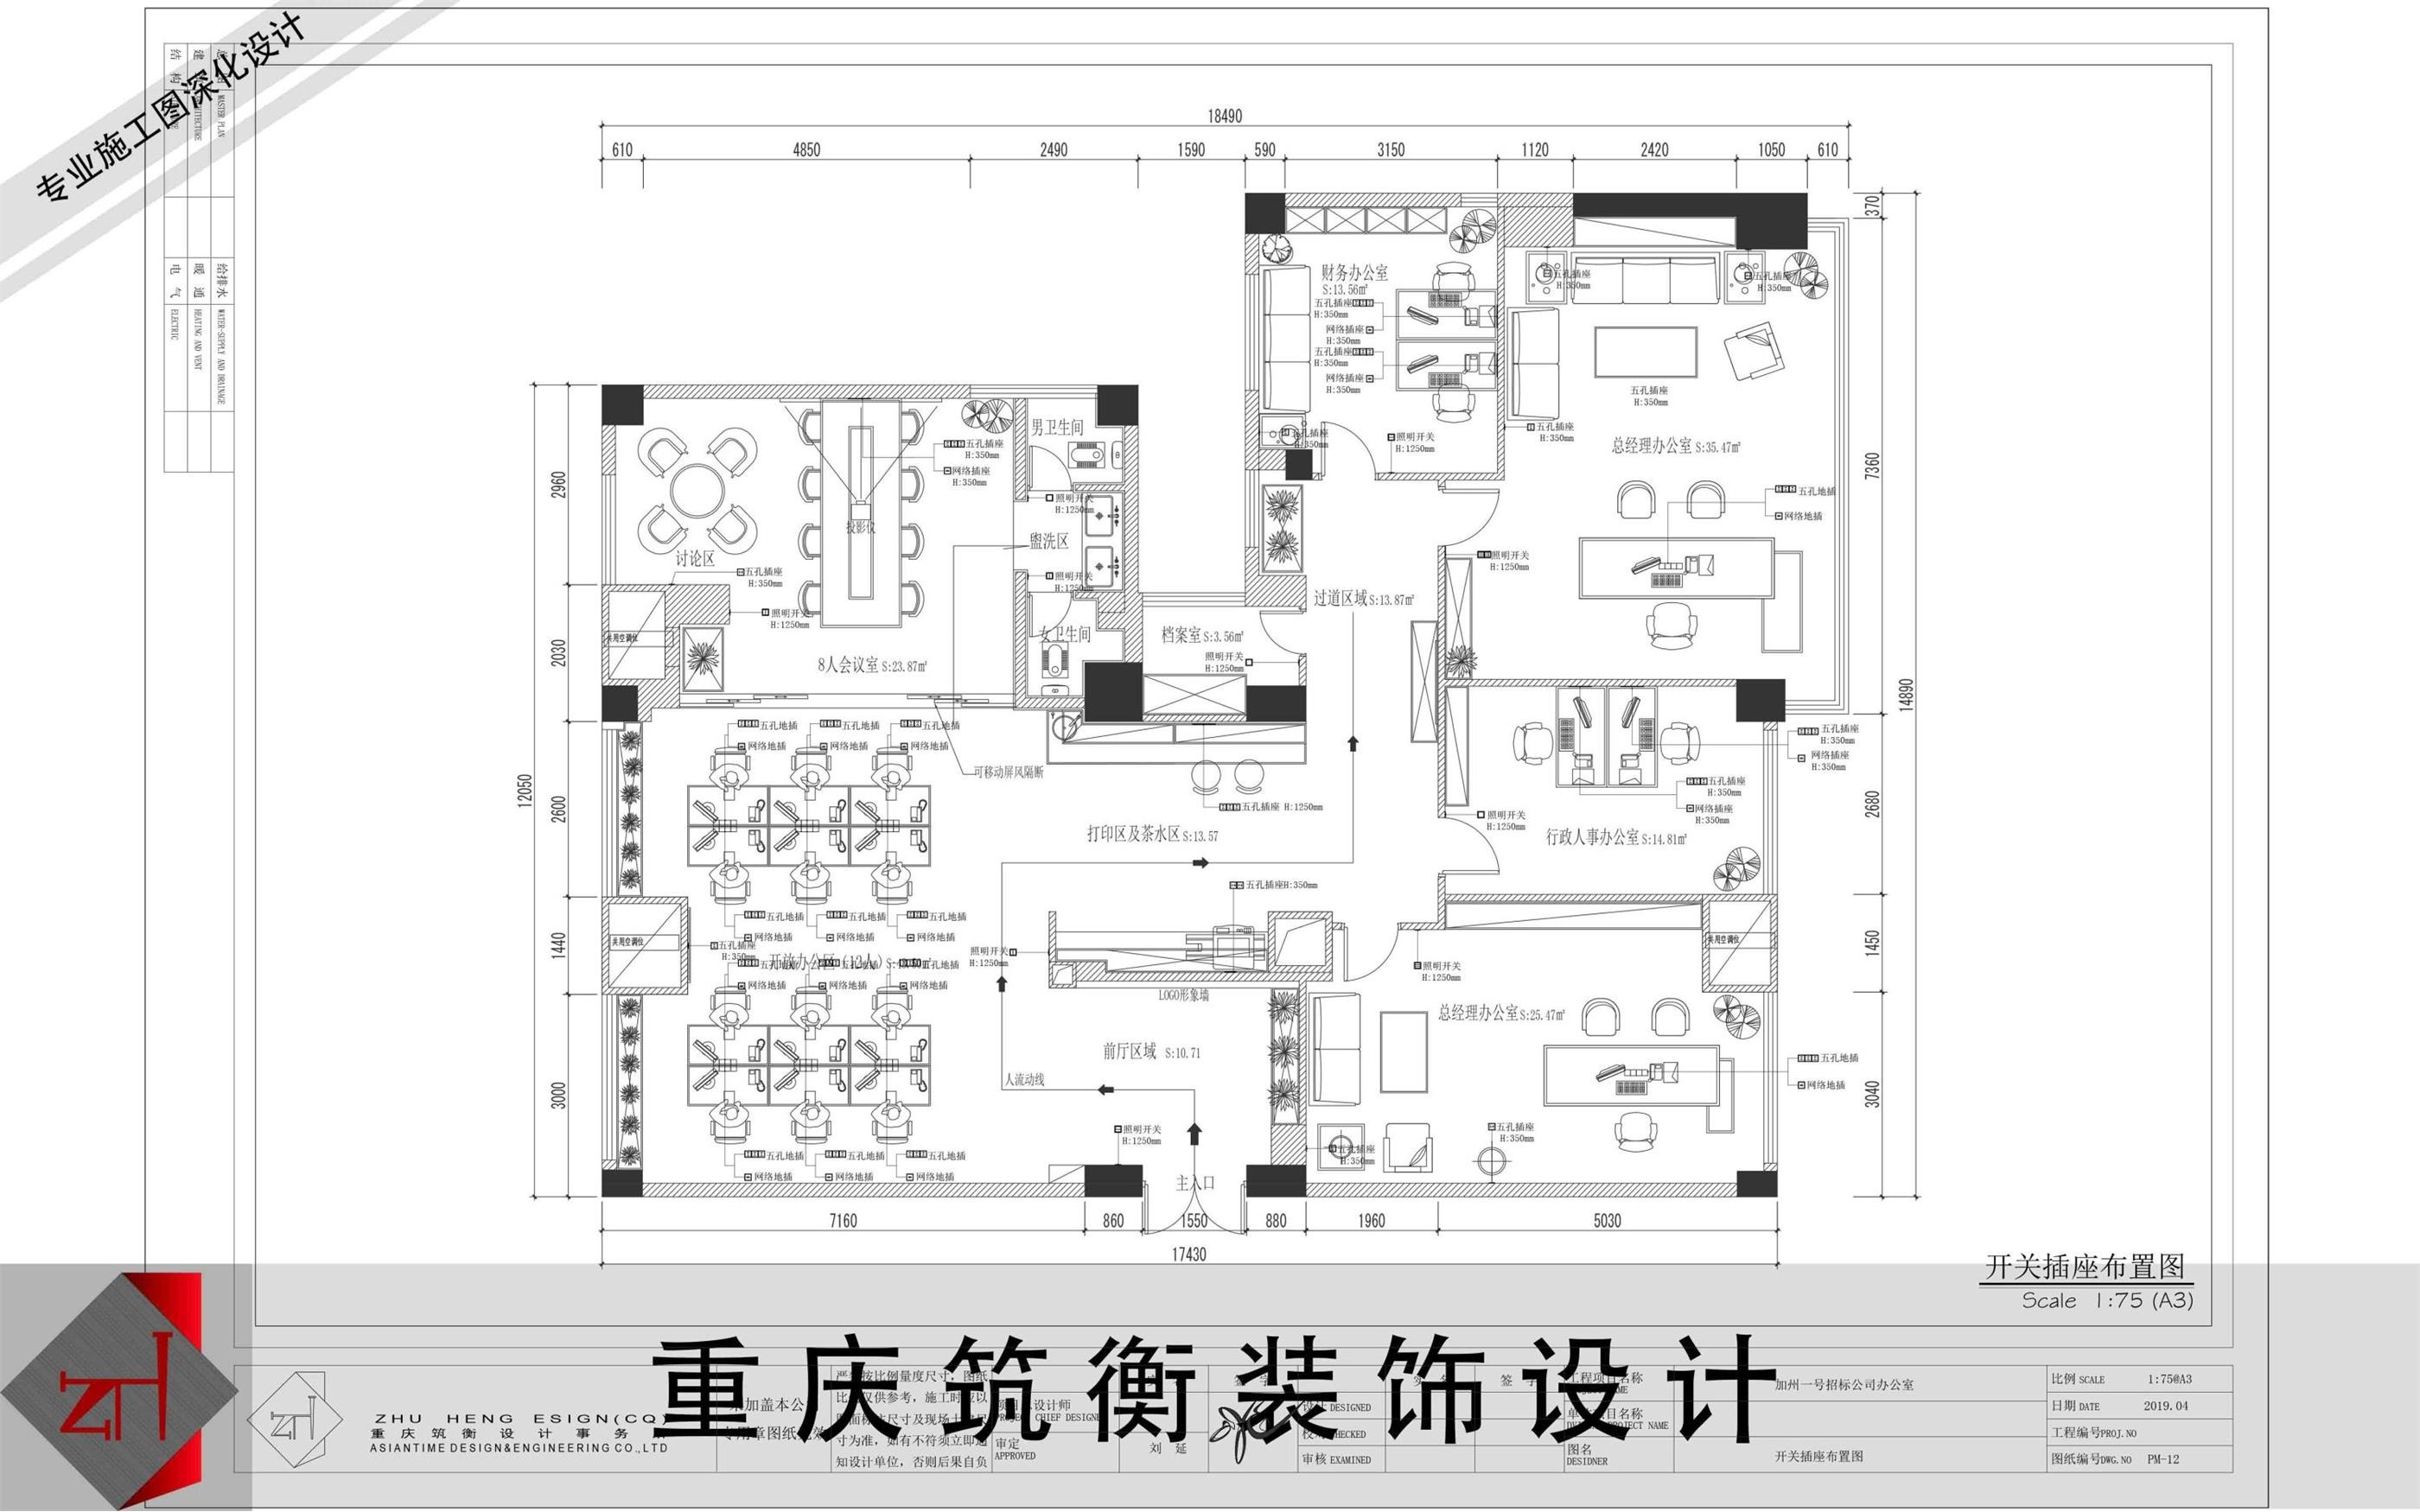 【办公室设计】空间设计/文化墙设计/办公室室内装修设计效果图